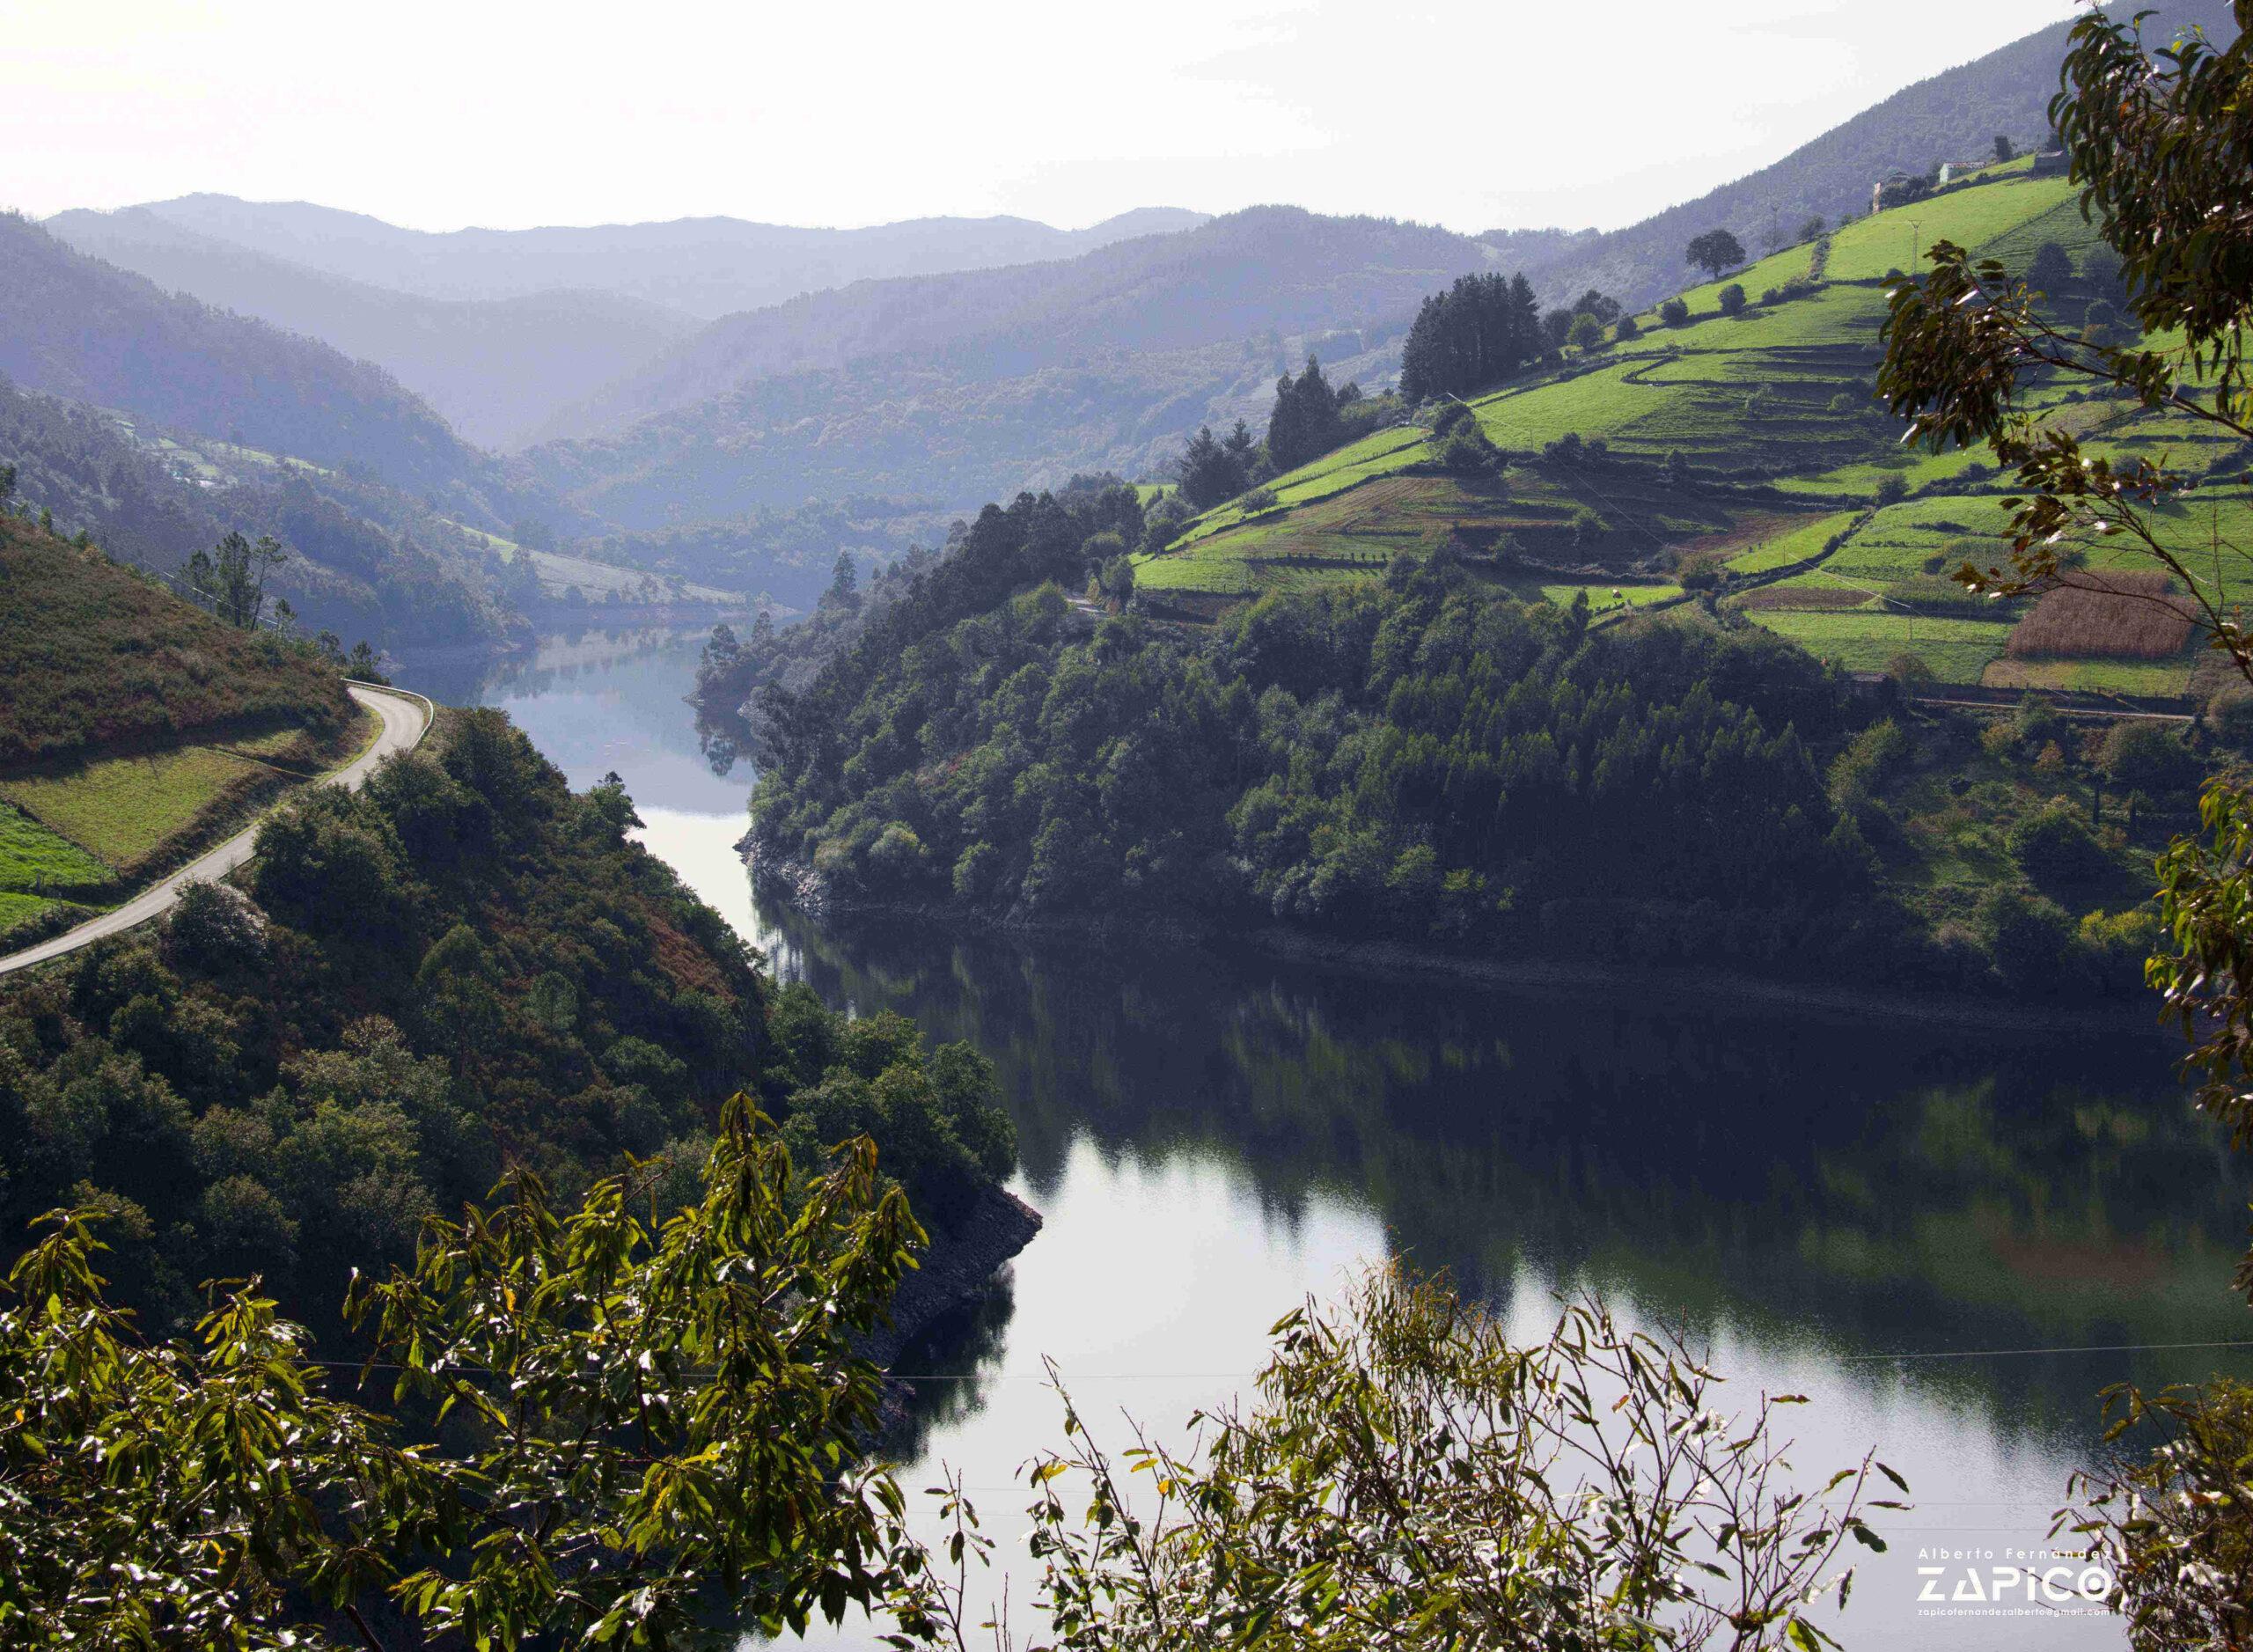 Casa Manolón - Alojamientos de turismo rural en el Occidente de Asturias